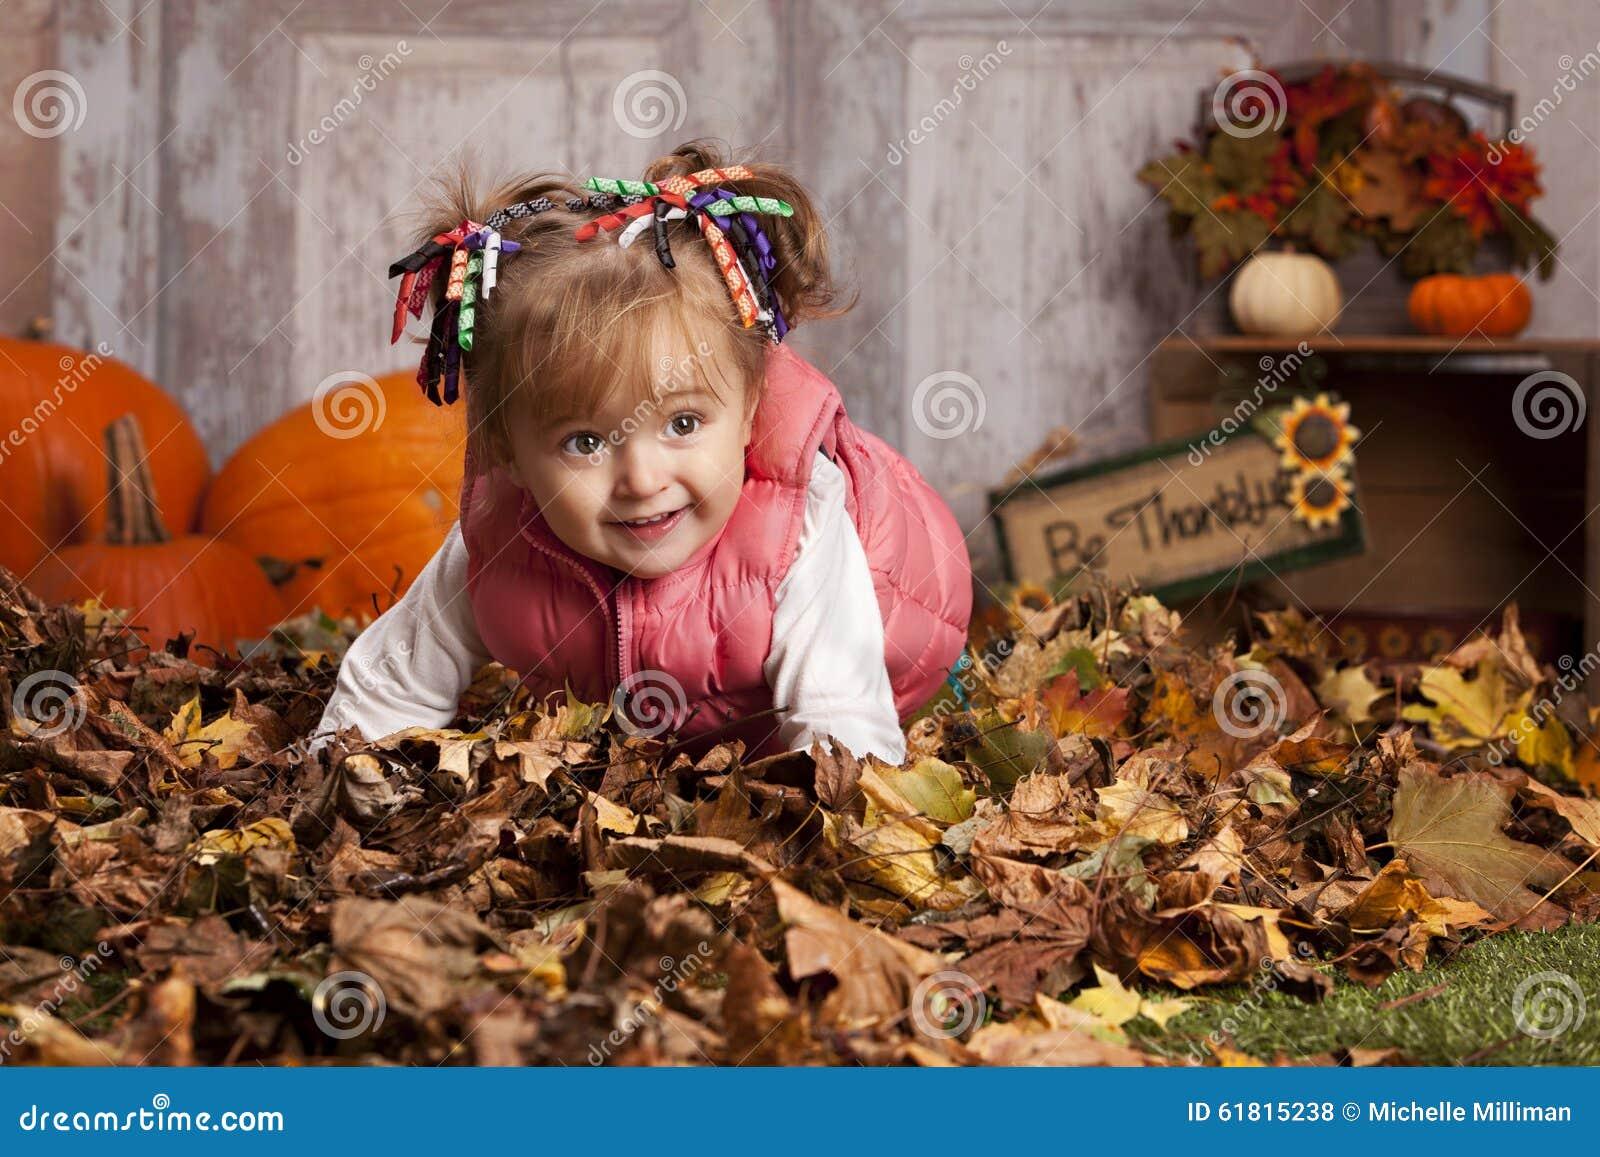 Fall fun.